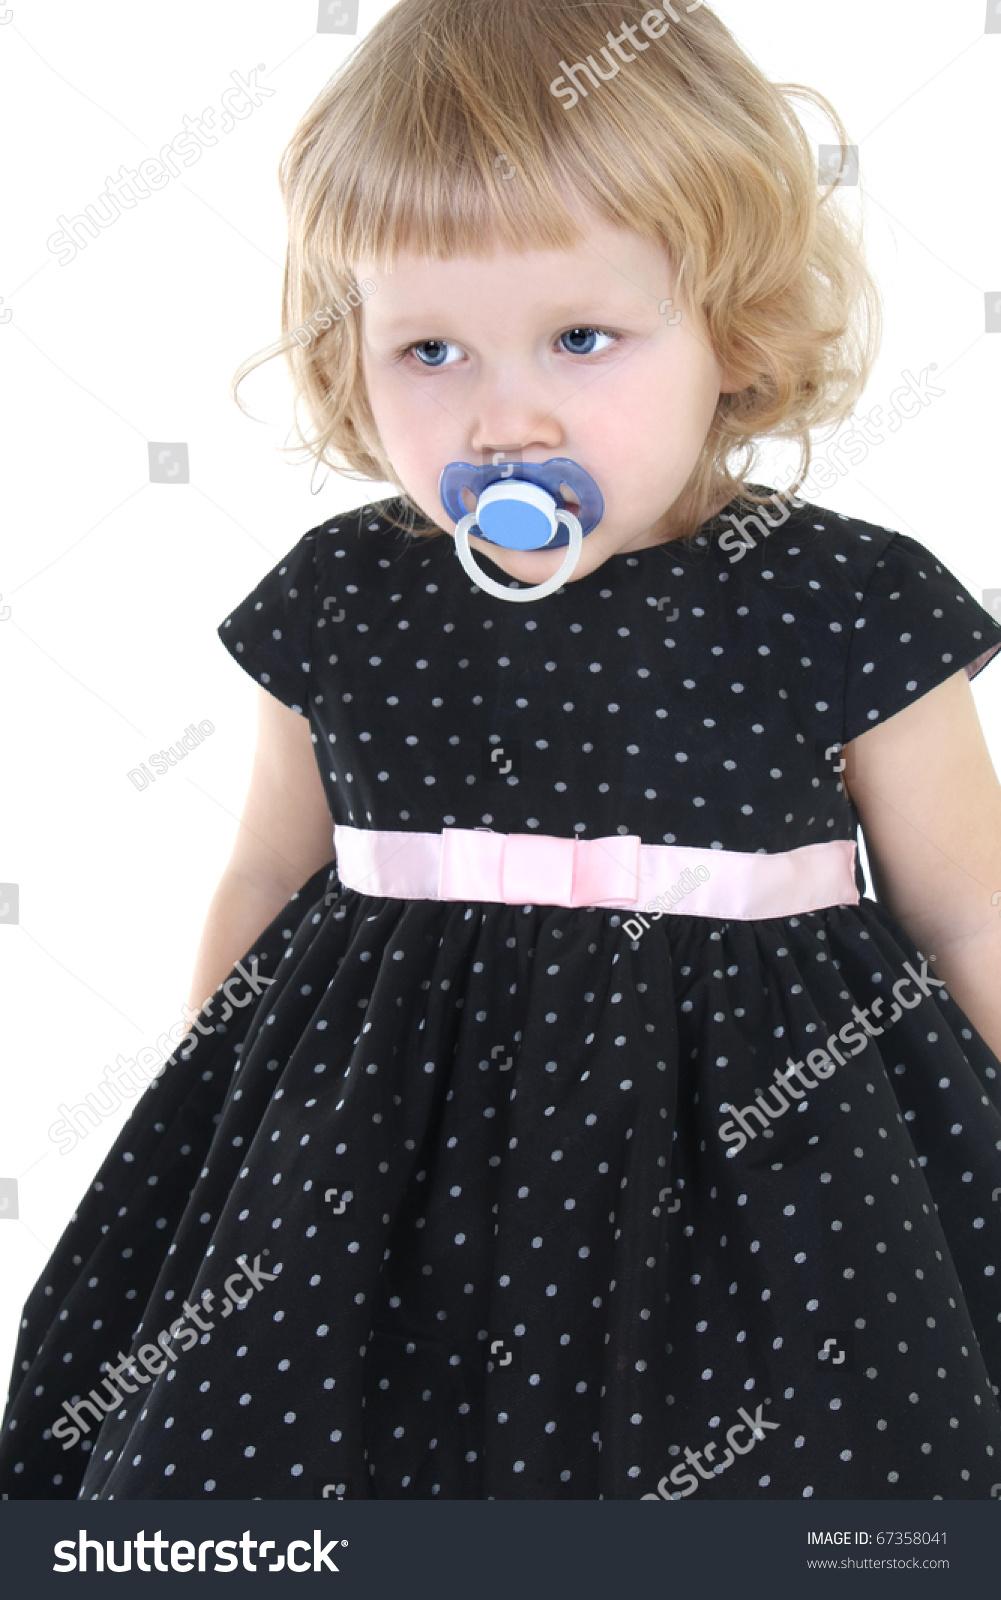 Little girl nipple sad little girl in black dress with nipple over white